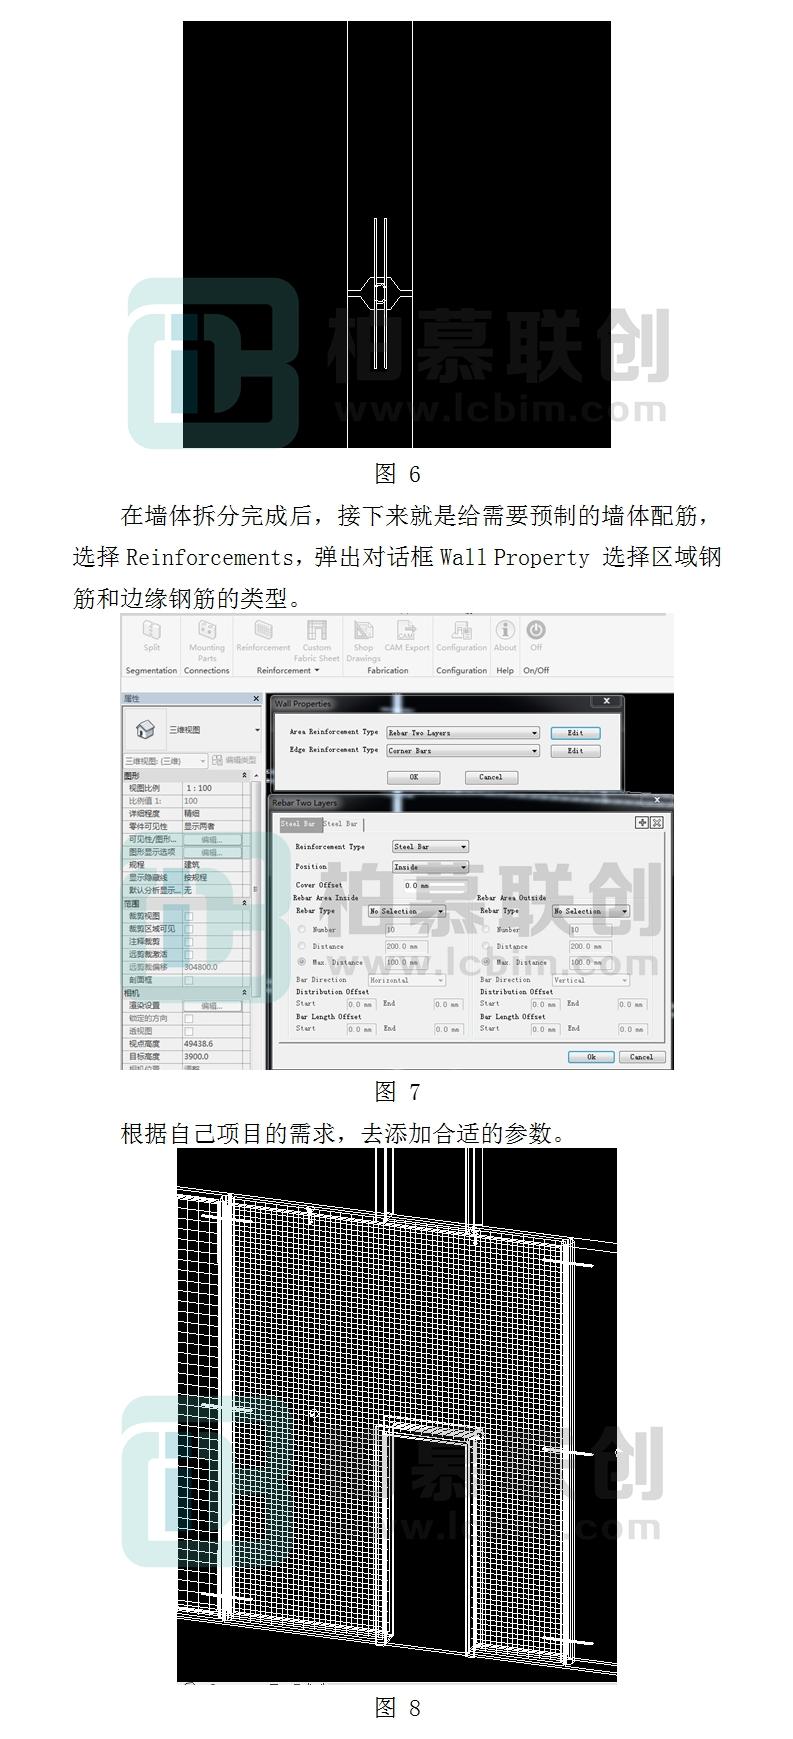 696 如何用Revit拆分墙体和PC预制构件出图-2.jpg